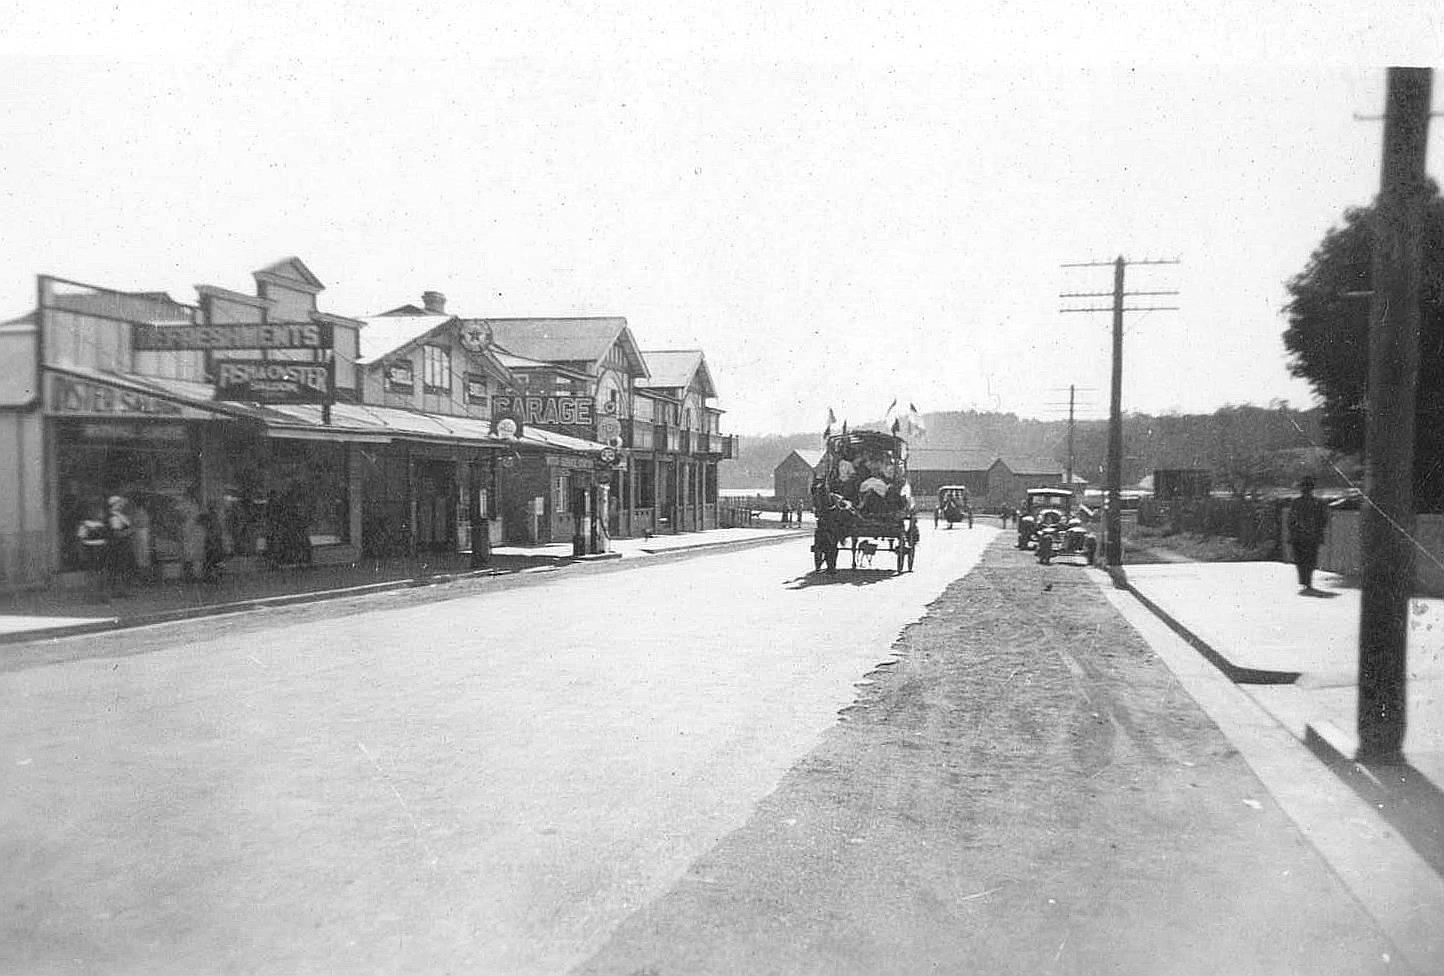 Batemans Bay, 1920s